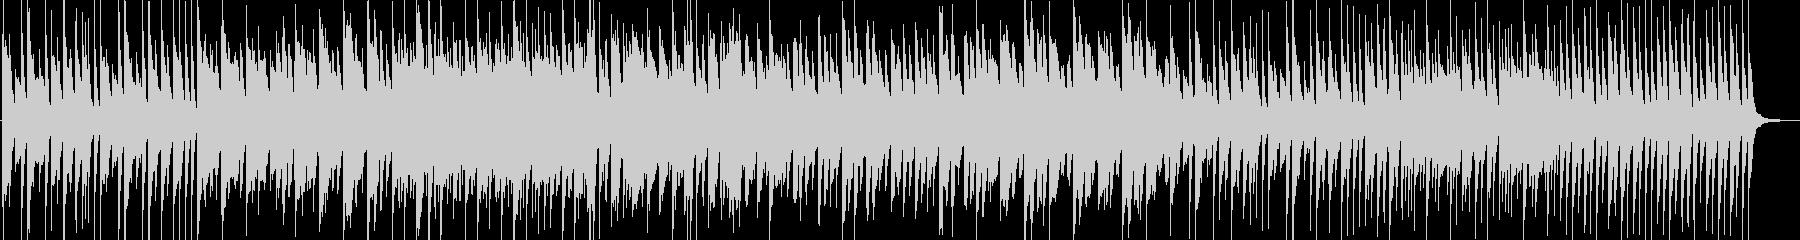 ダークな和風のピアノインストの未再生の波形